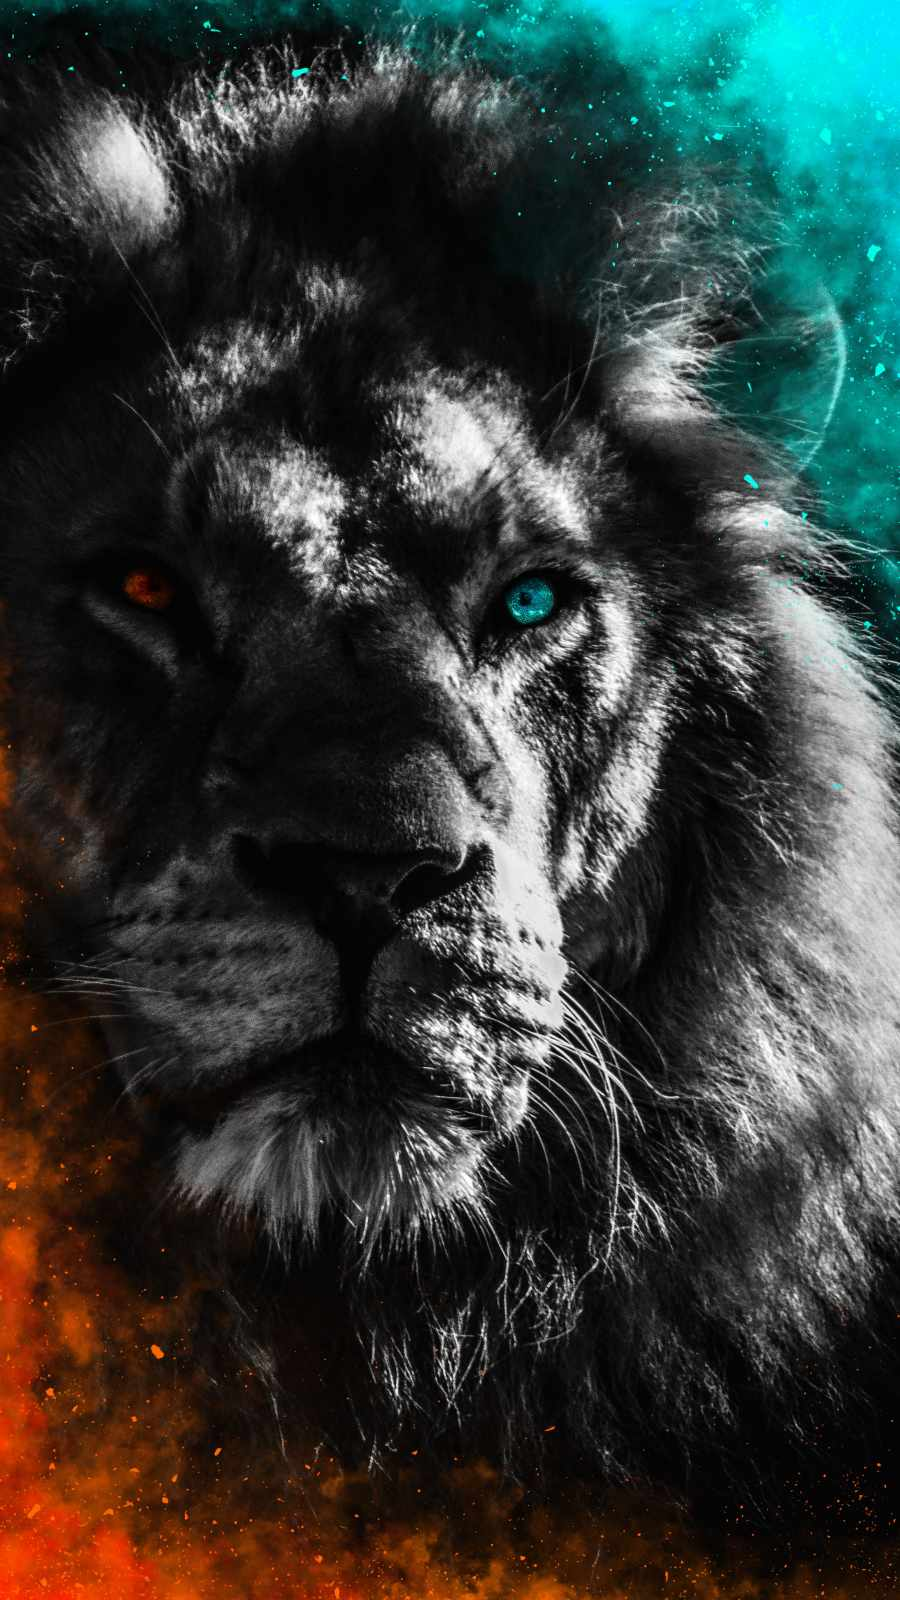 Lion Heterochromia iPhone Wallpaper